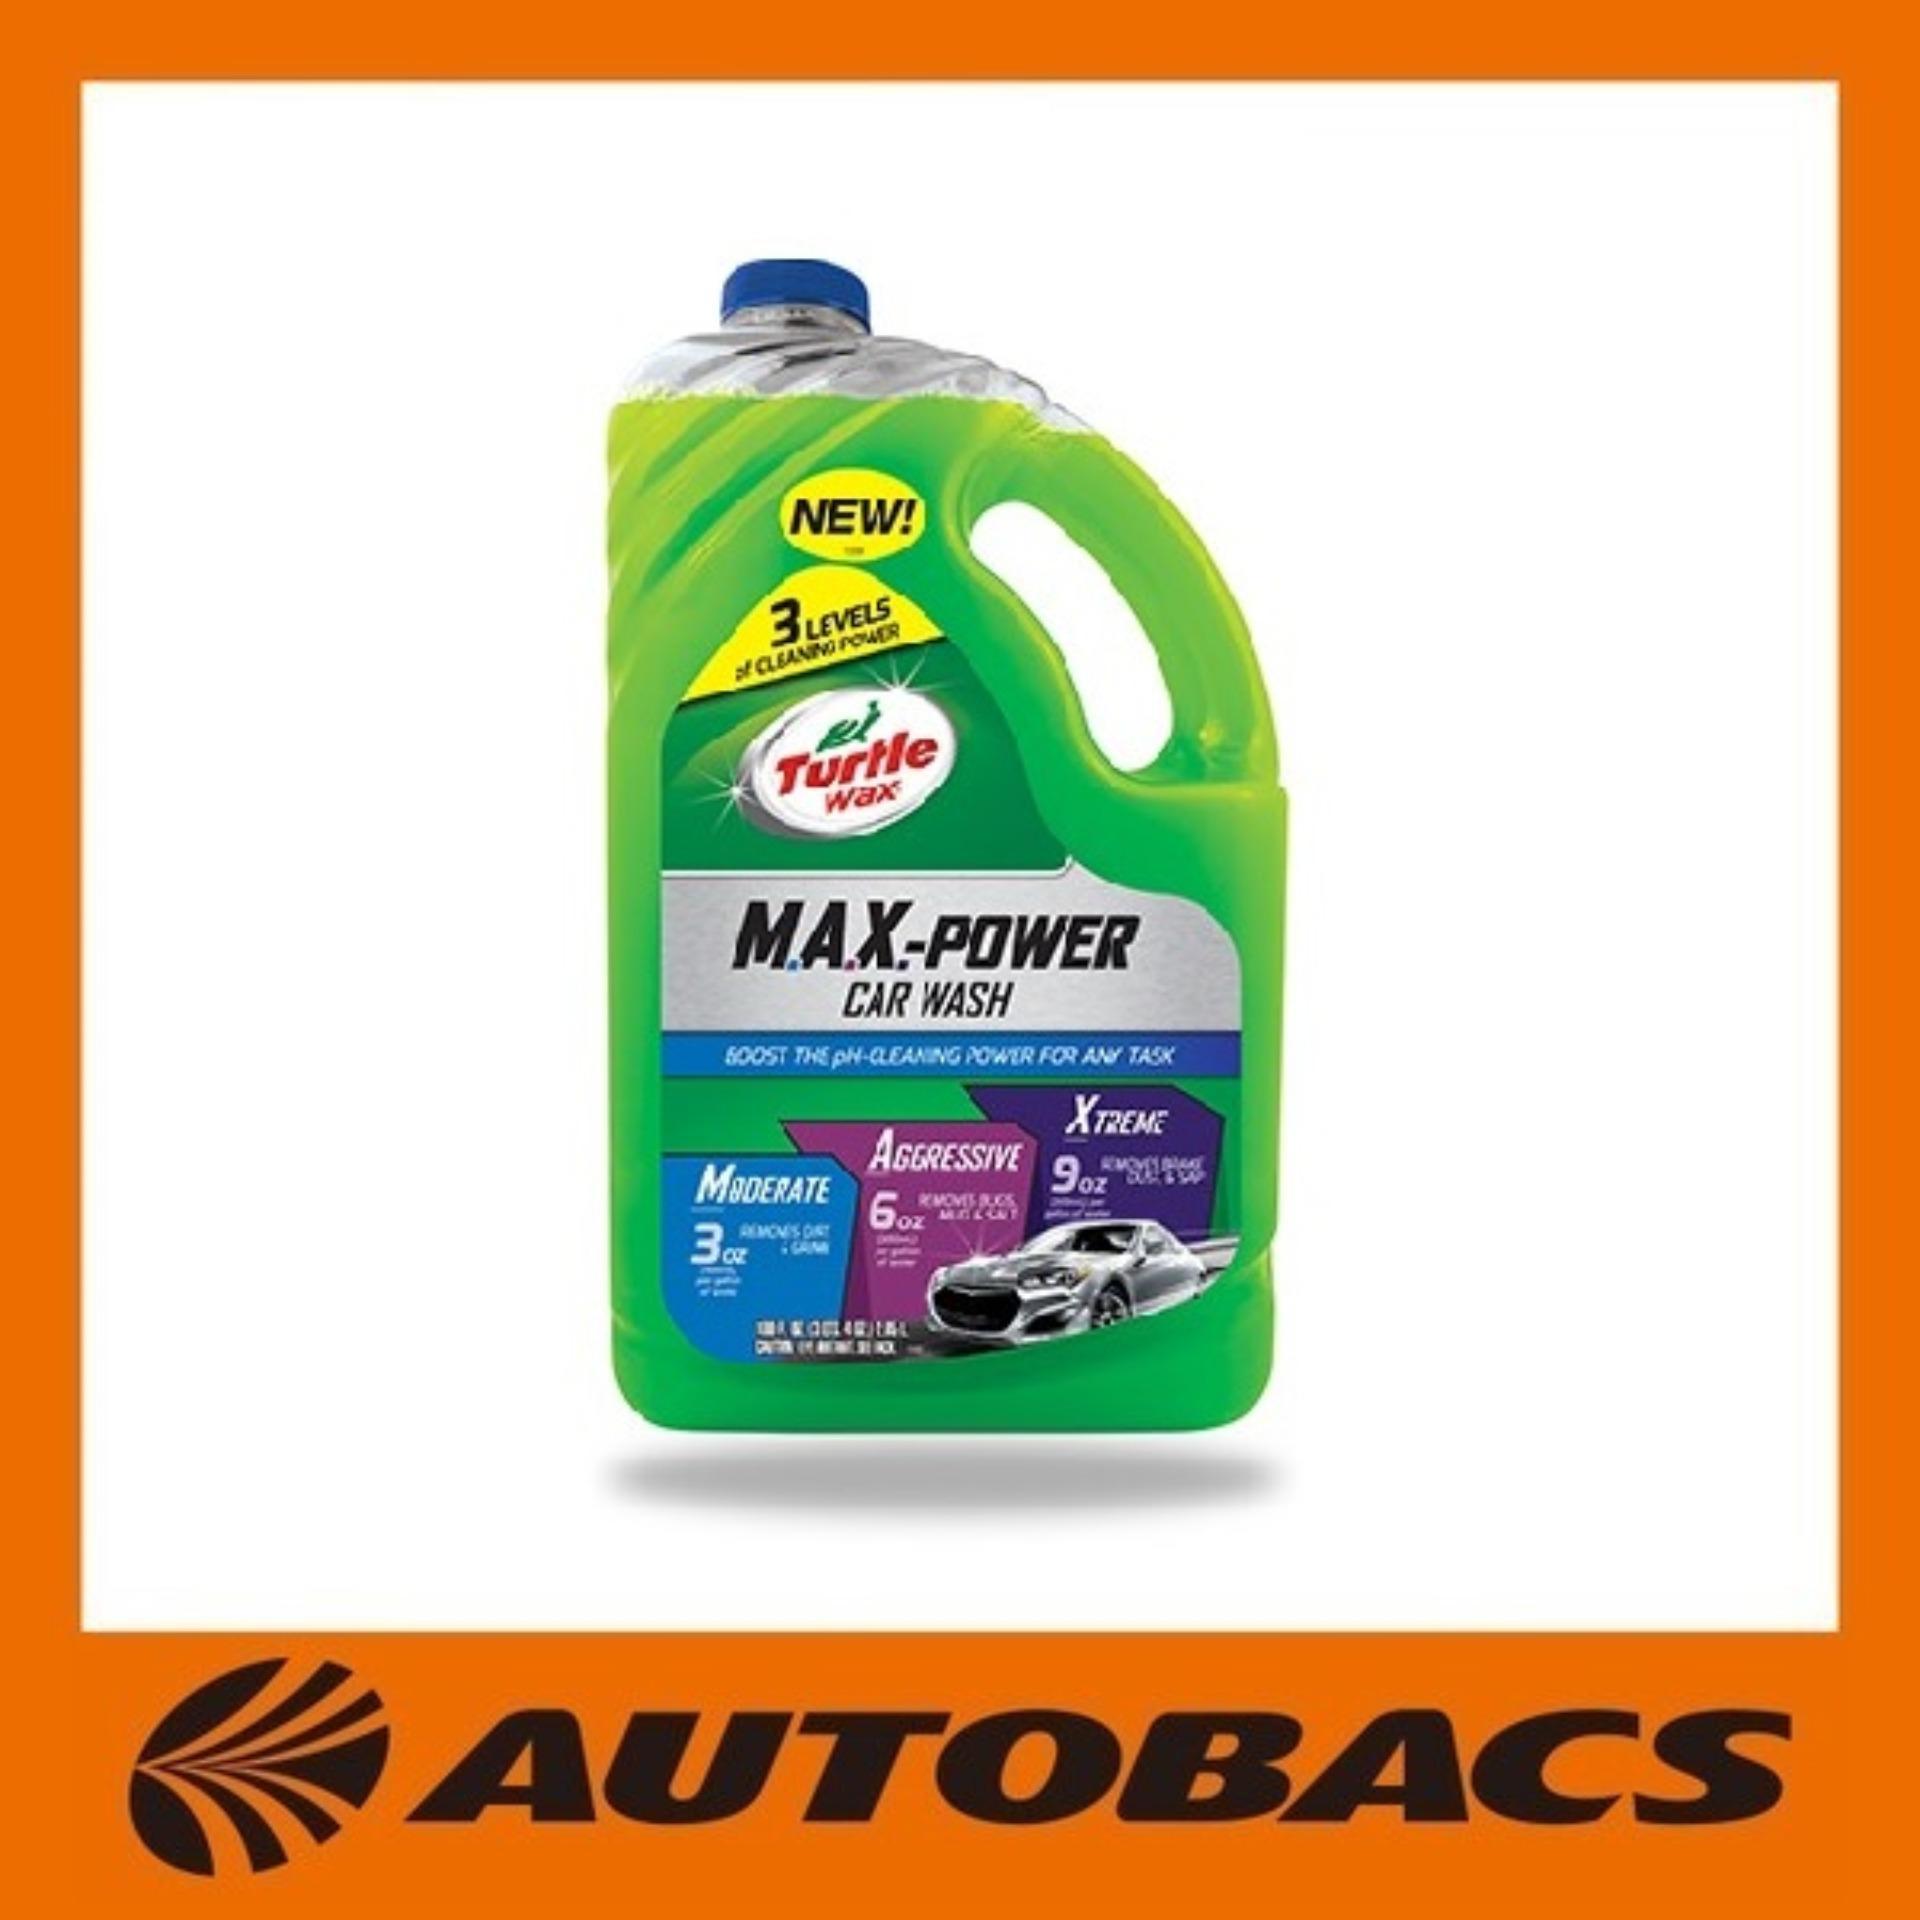 Buy Turtle Wax Max Power Car Wash